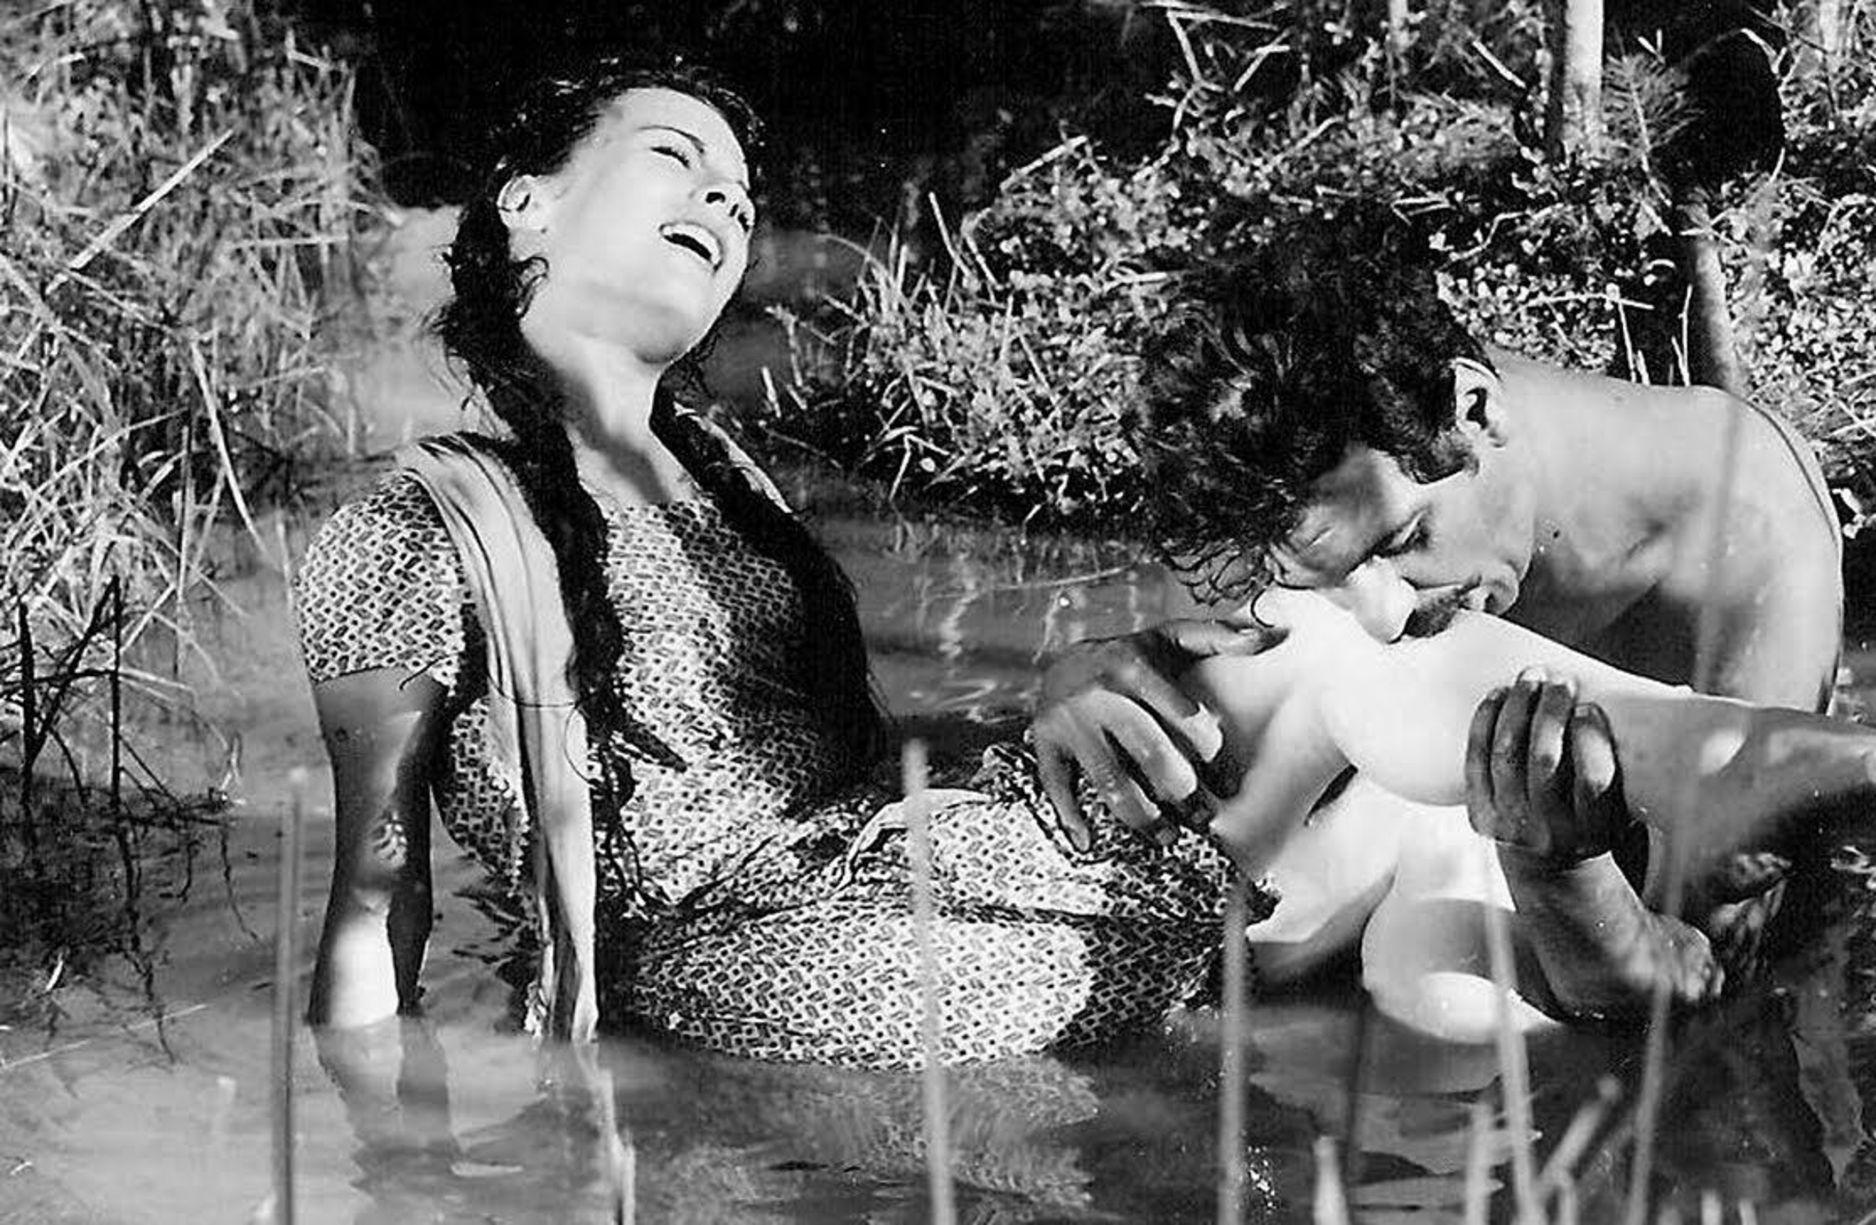 Metin Erksan'ın yönetteği 1963 yapımı 'Susuz Yaz', Berlin Film Festivali'nde 'En İyi Film' dalında Altın Ayı ödülü kazandı. Bu ödül, Türk sinemasının uluslararası bir organizasyonda kazandığı ilk ödülü oldu.